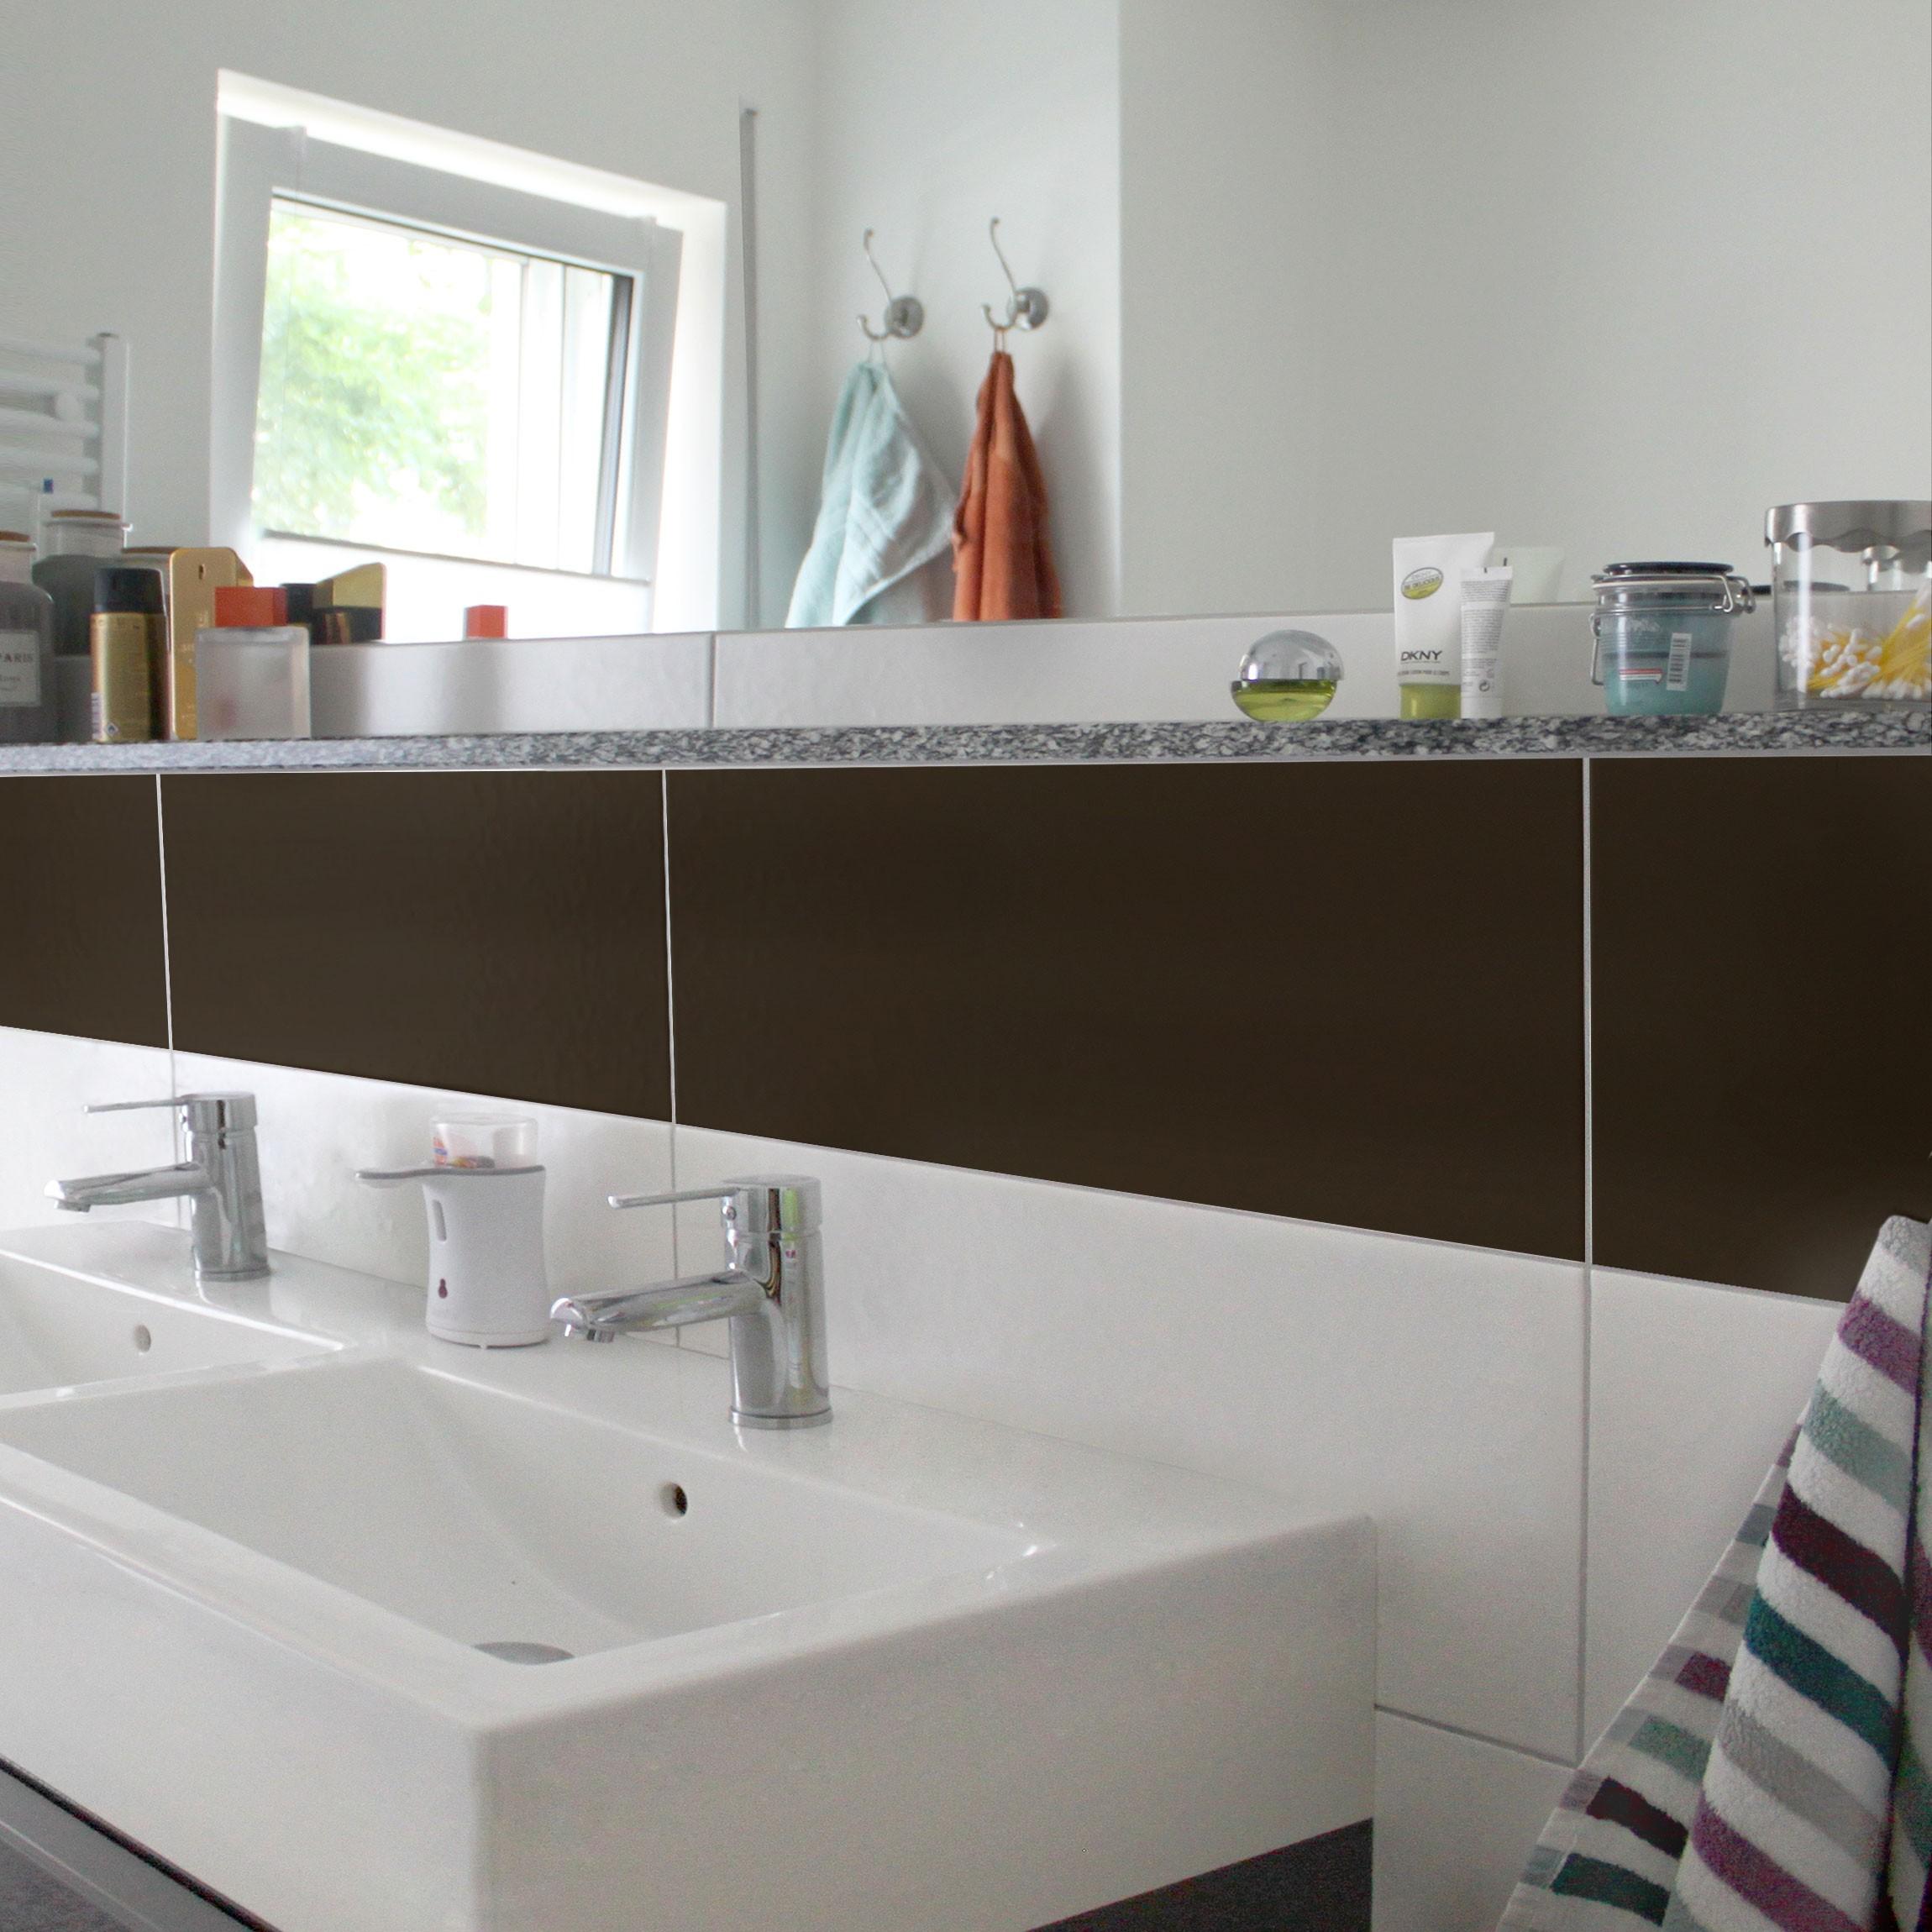 Fliesenaufkleber Bad & Küche - Braun 30x60 cm - Set